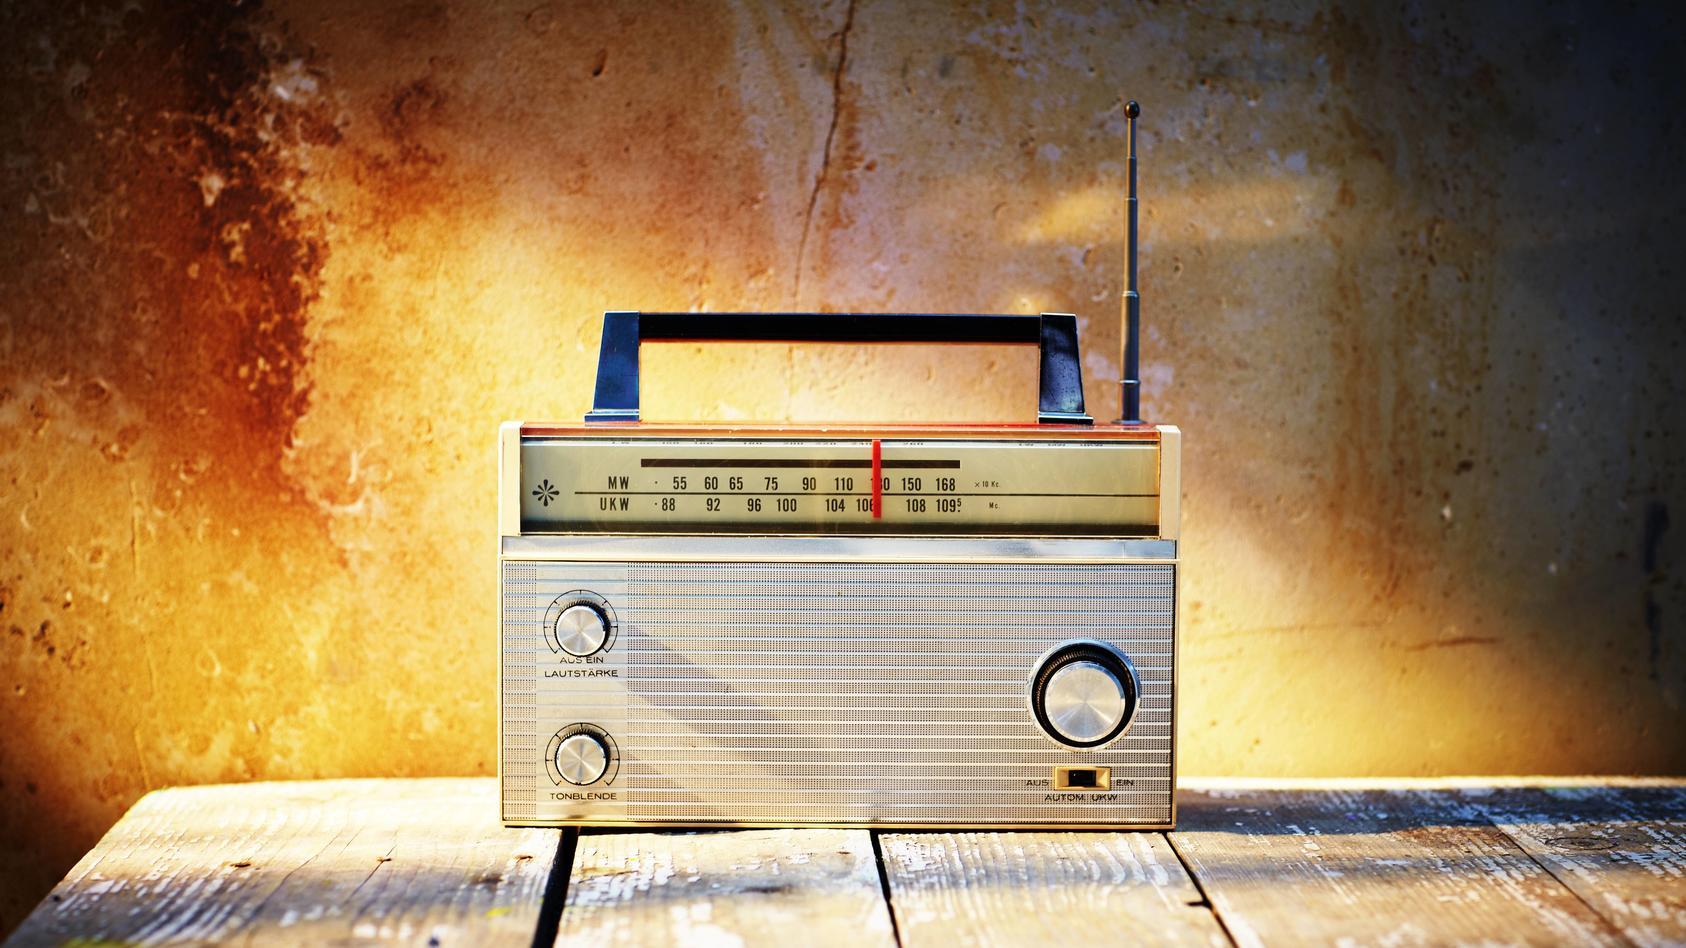 Umstellung auf DAB+-Radios? Mit dem richtigen Gerät kein Problem